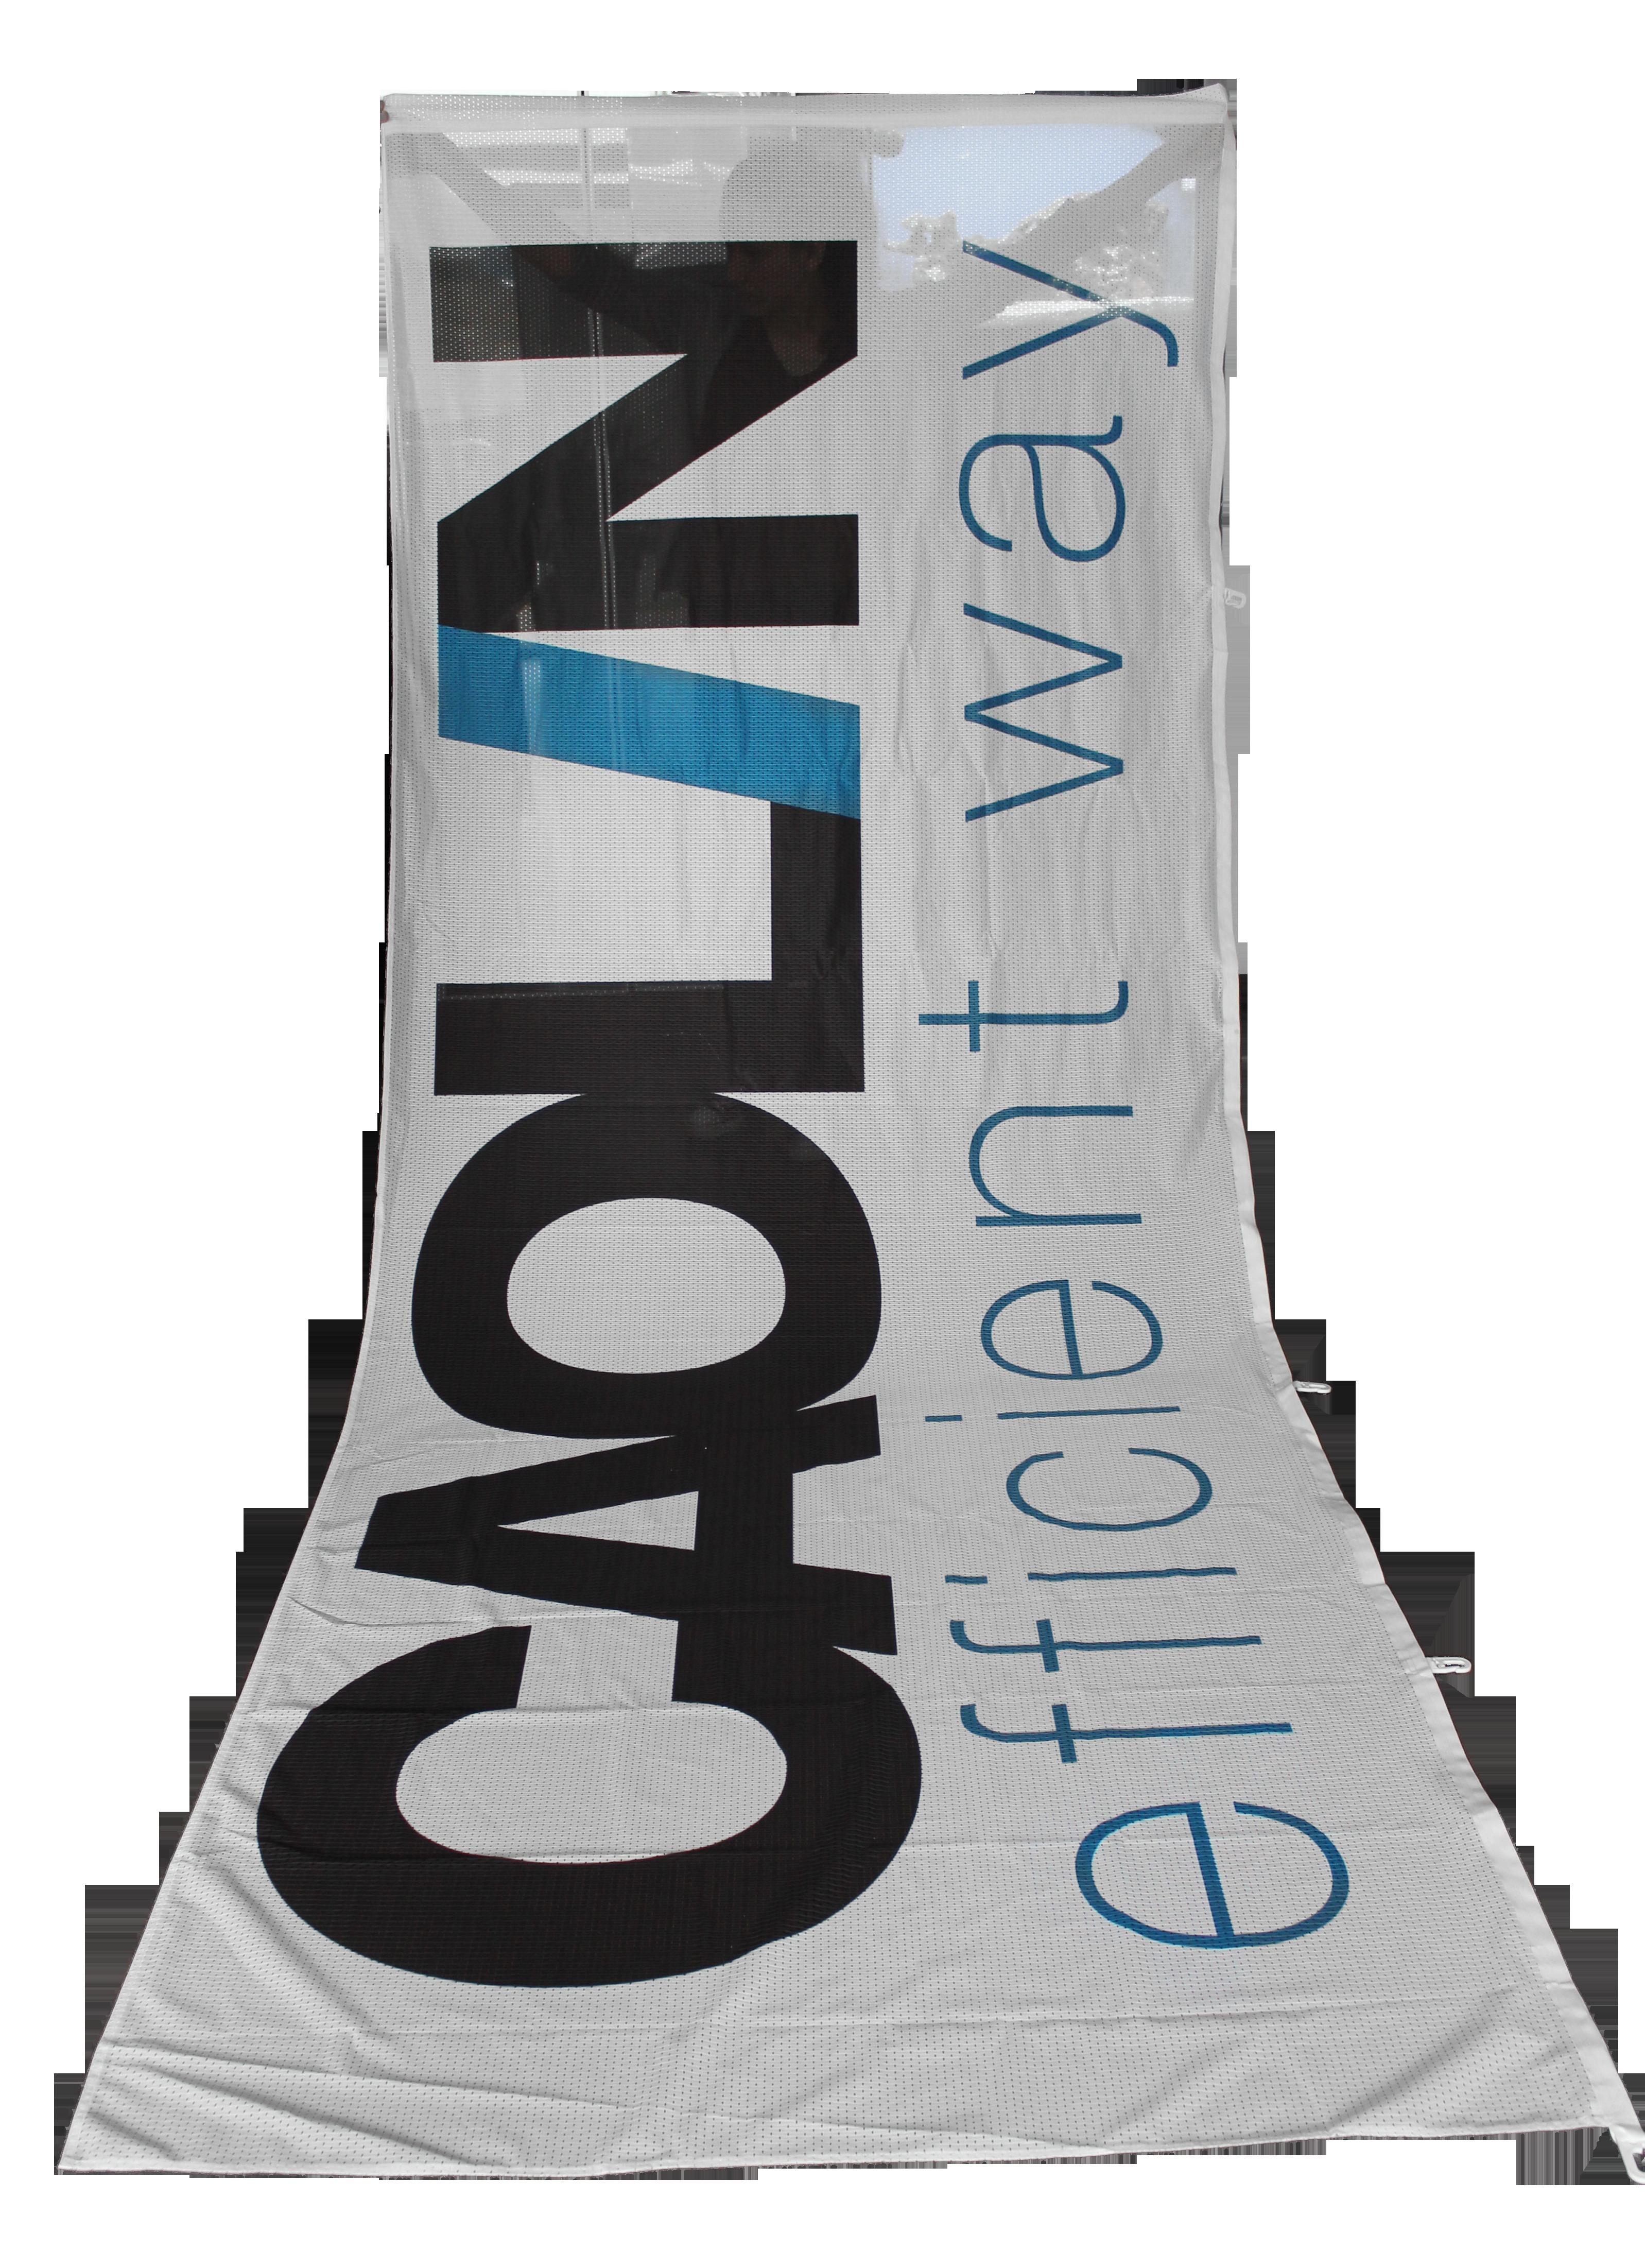 flaga polystretch CAOLIN duza